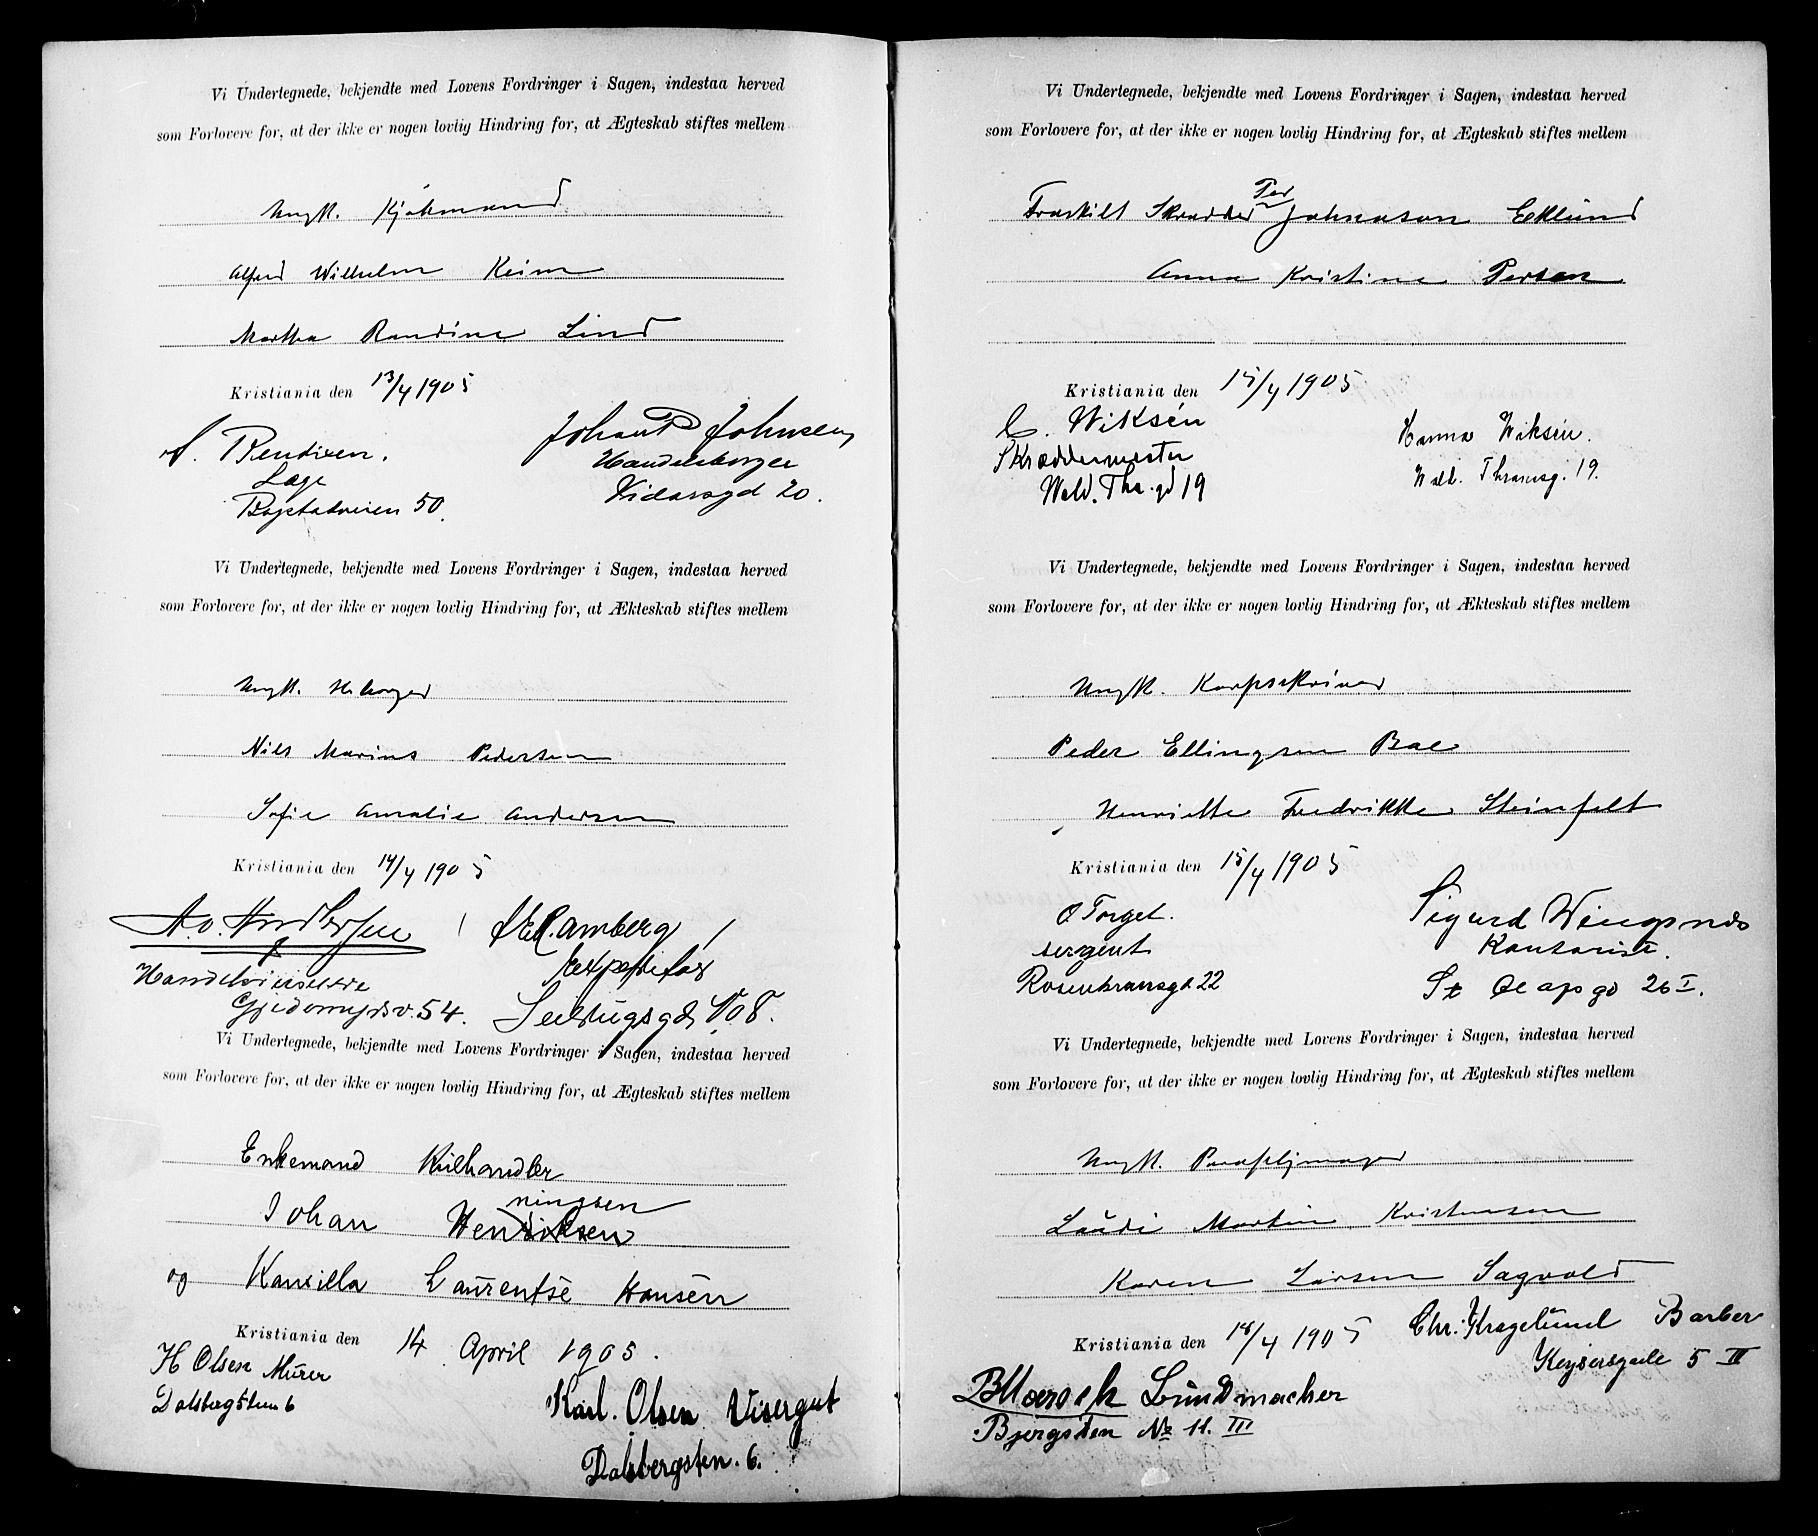 SAO, Gamle Aker prestekontor Kirkebøker, K/L0001: Forlovererklæringer nr. 1, 1905-1914